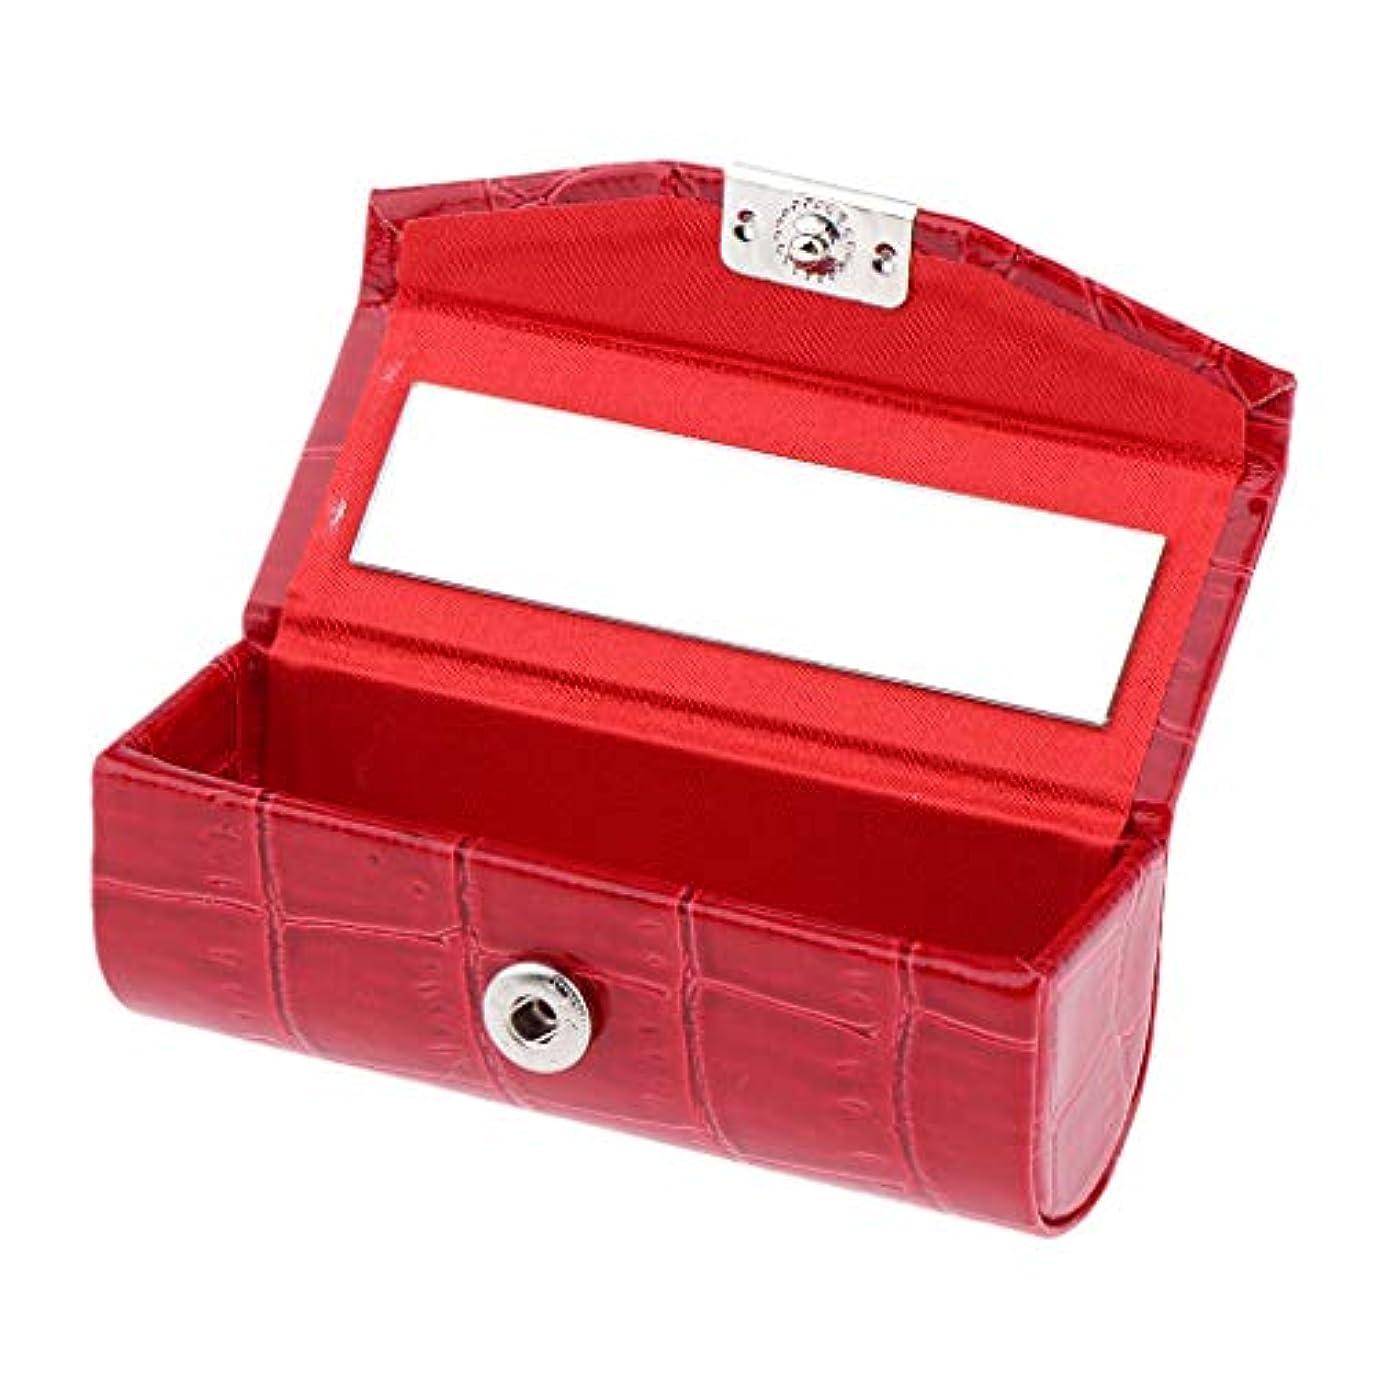 地上の固執ハーフF Fityle リップスティックケース 口紅 ホルダー レザー 財布 ミラー 収納ボックス 多色選べ - 赤